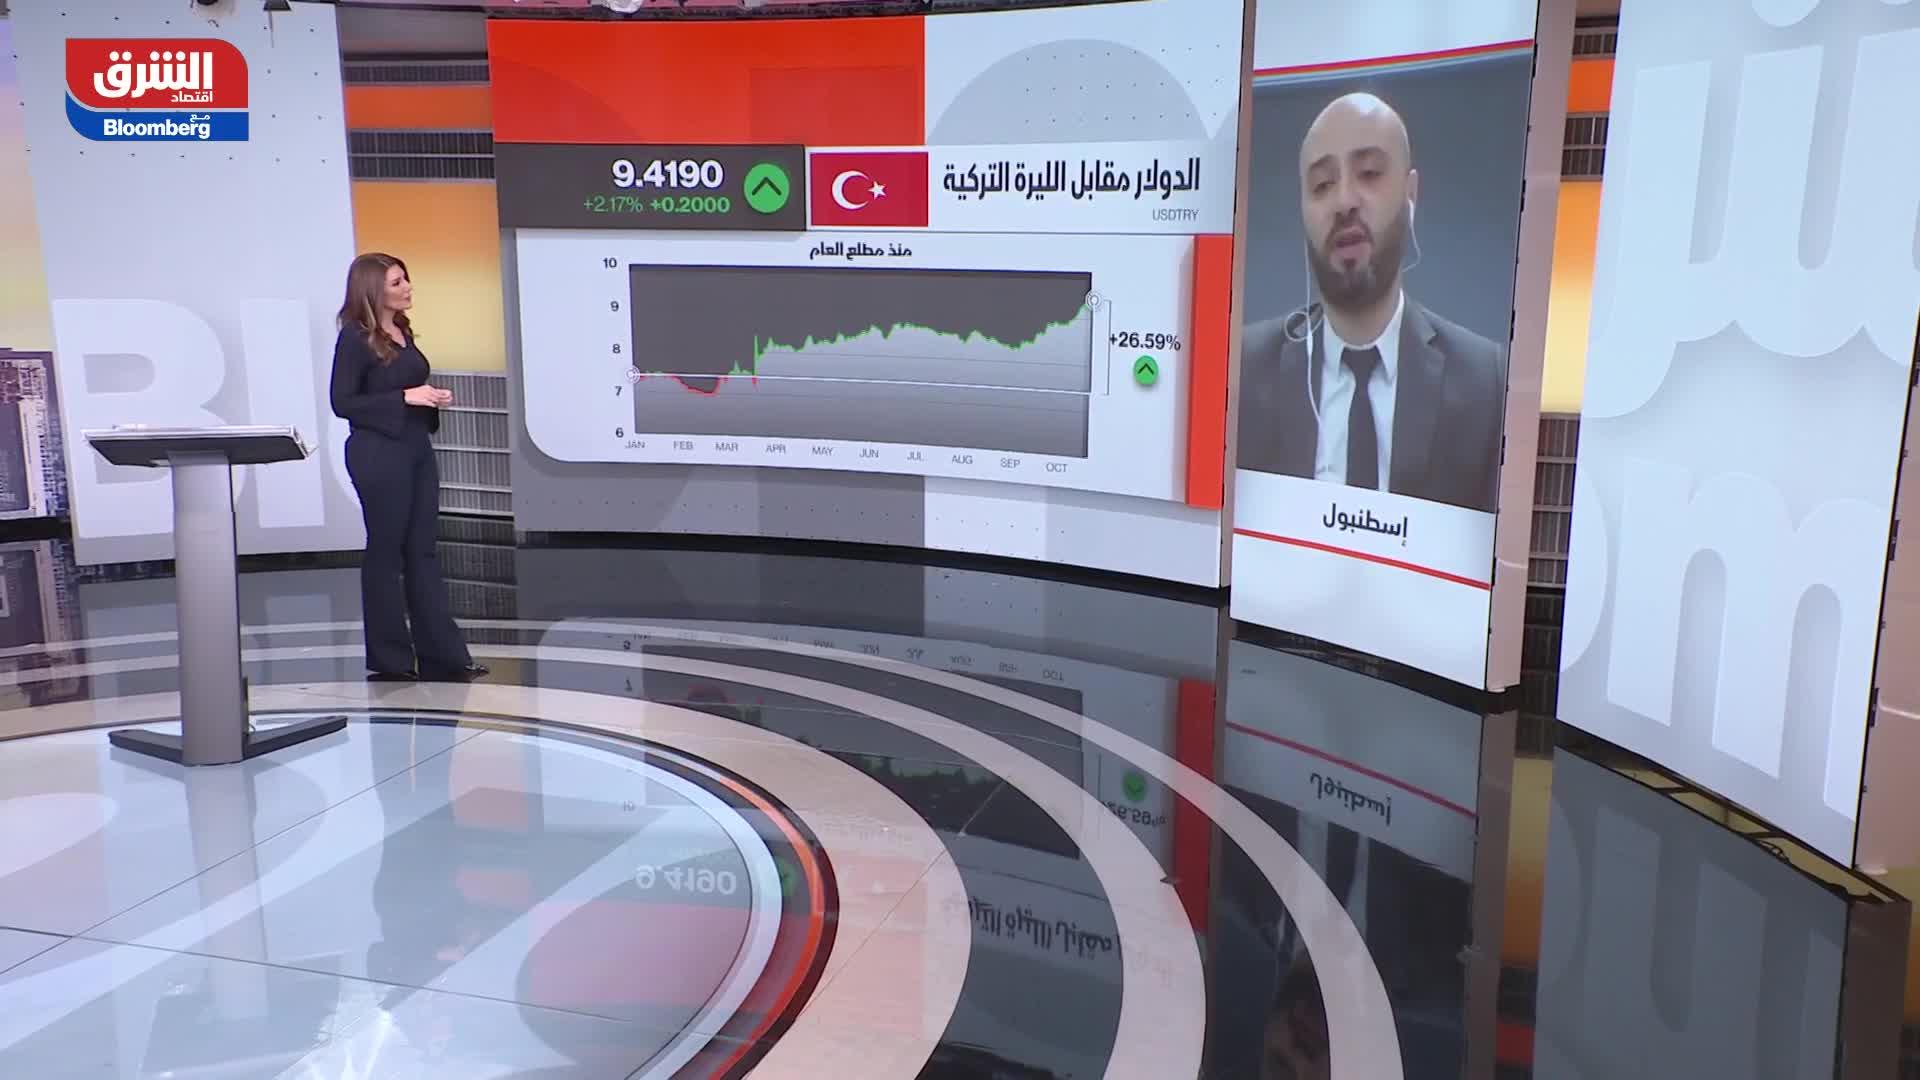 ماذا يعني تقليص سعر الفائدة بالنسبة لليرة التركية ؟